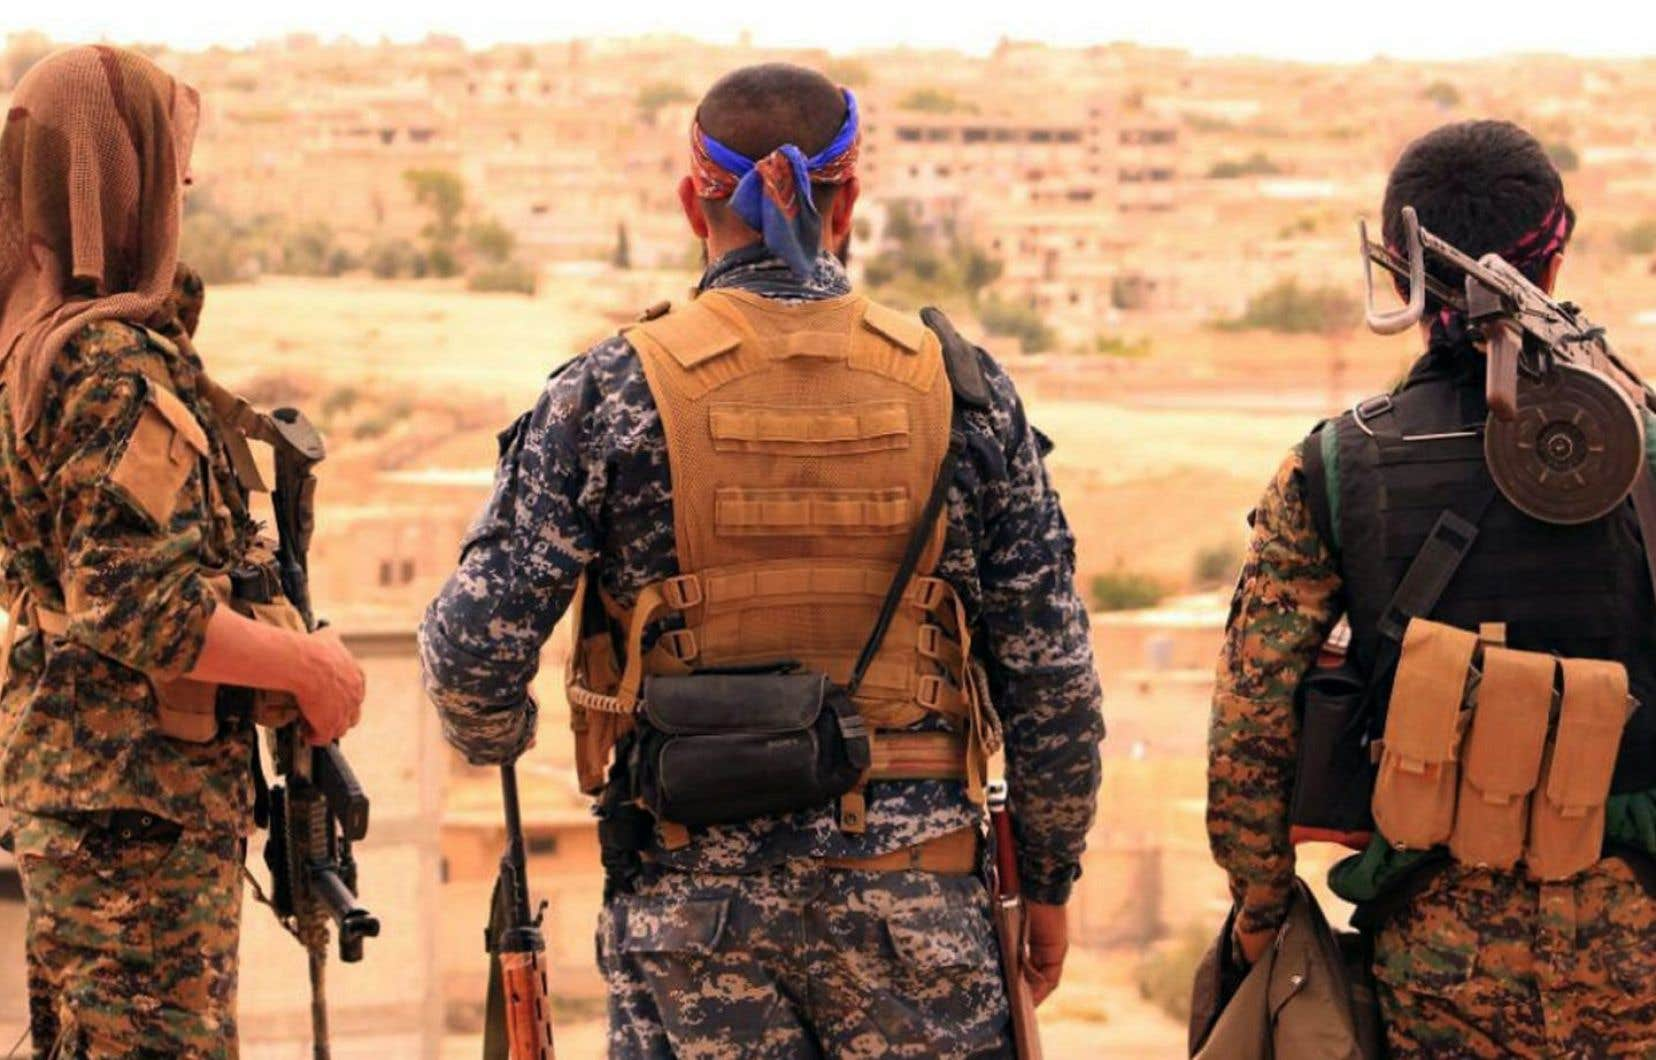 Les Forces démocratiques syriennes, à la faveur d'une vaste offensive déclenchée en novembre 2016, ont réussi à chasser les djihadistes de plusieurs secteurs menant à la ville de Raqqa.